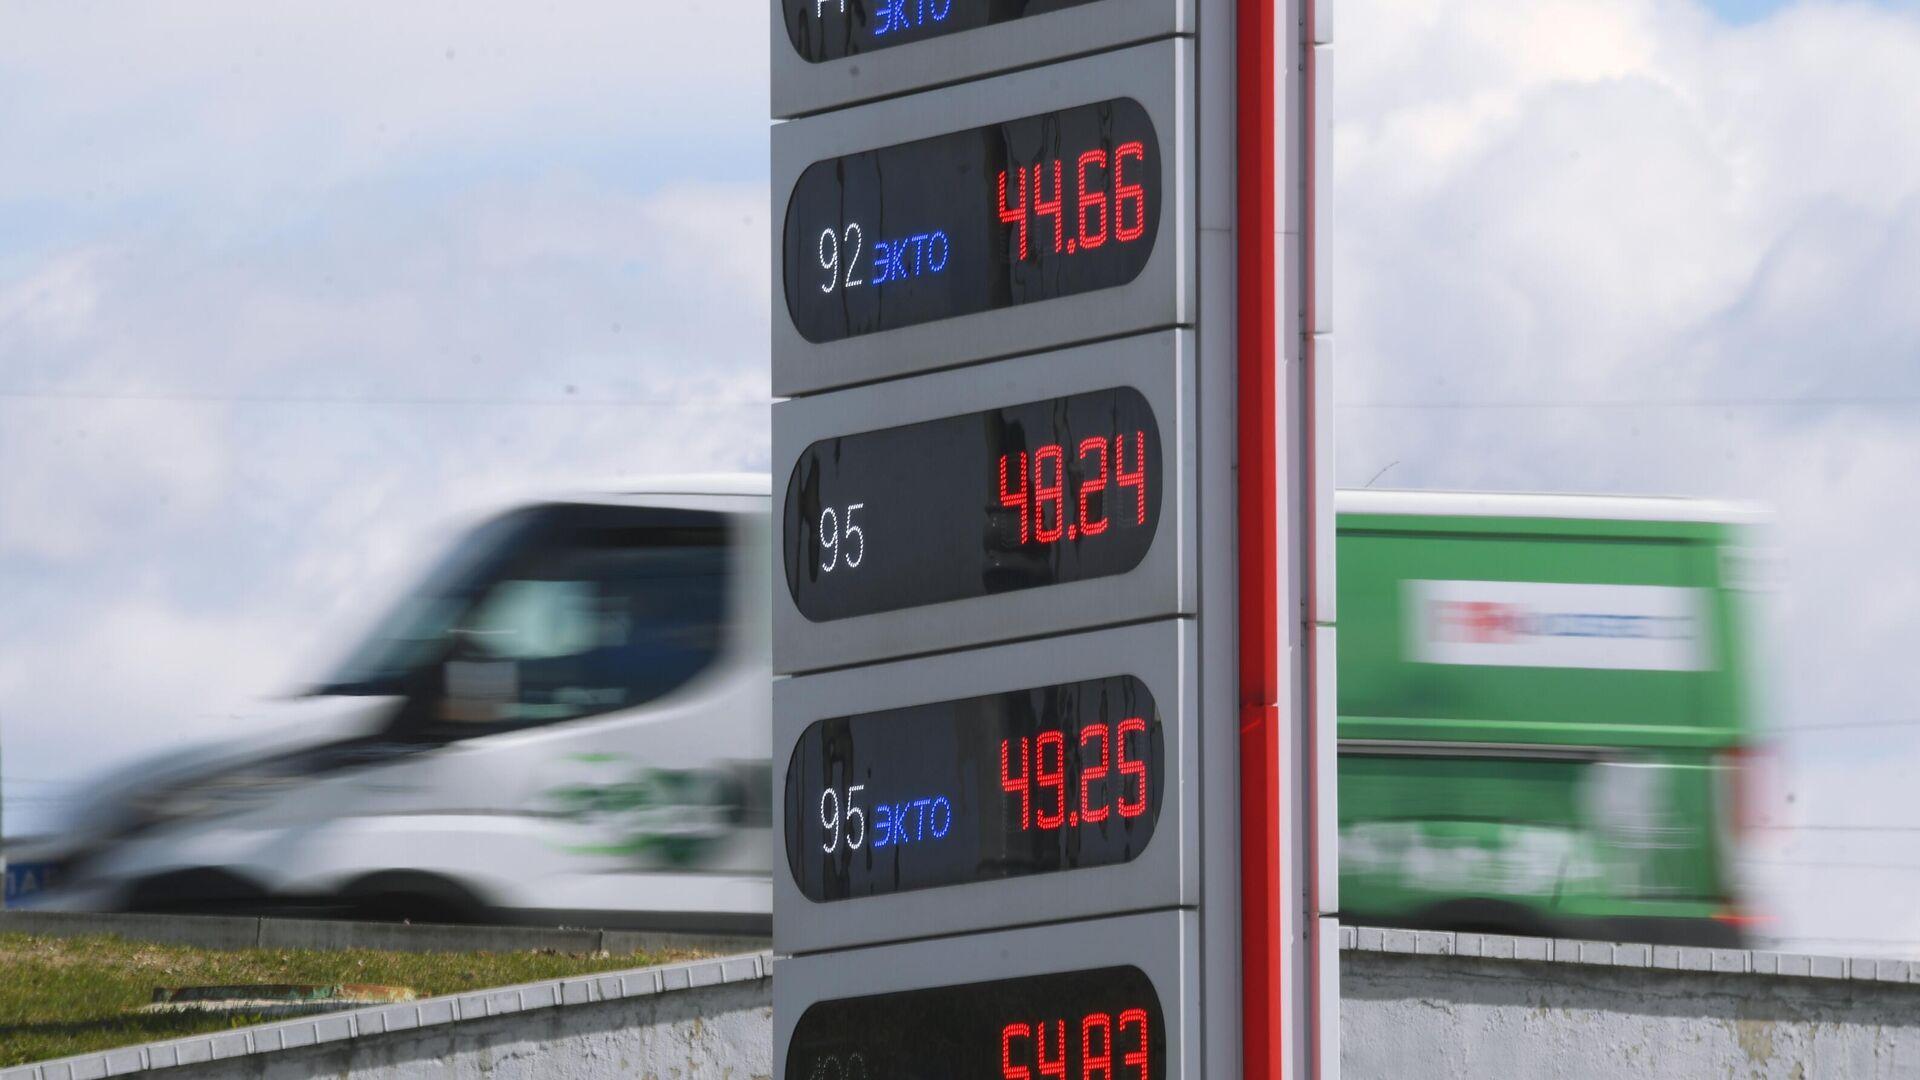 Табло с ценами на топливо на одной из автозаправочных станций - РИА Новости, 1920, 04.07.2020